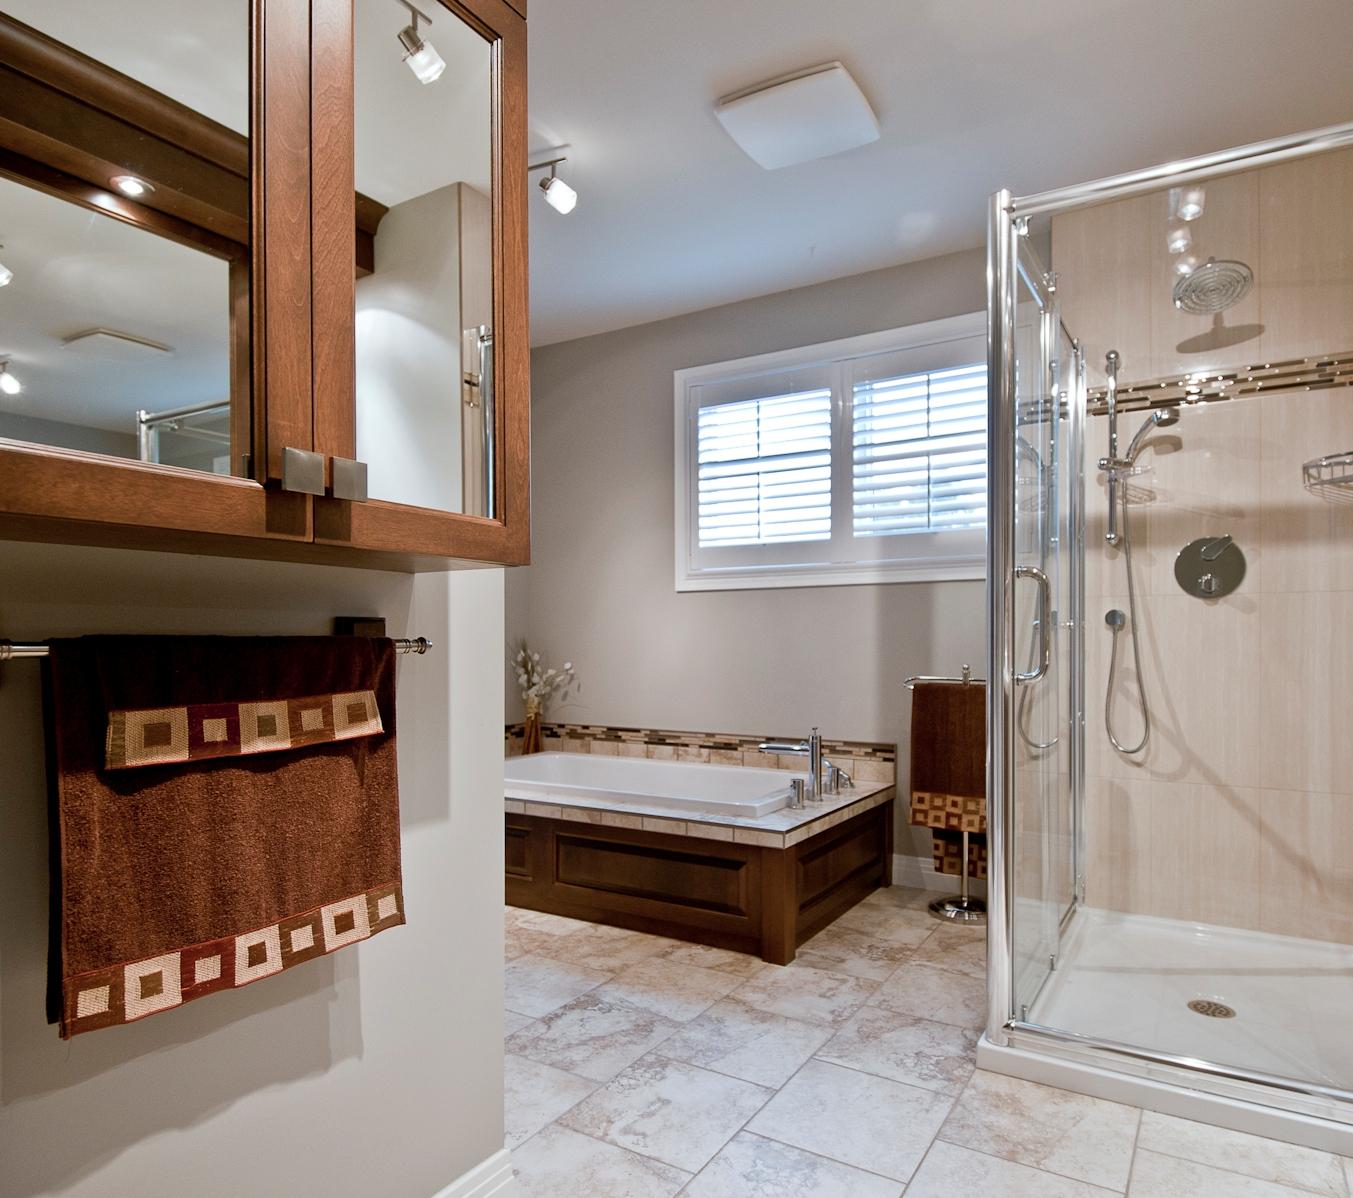 eclectic-bathroom-design-ideas-hd-wallpaper-imagexsotic-com-bathroom-photo-bathroom-design-ideas